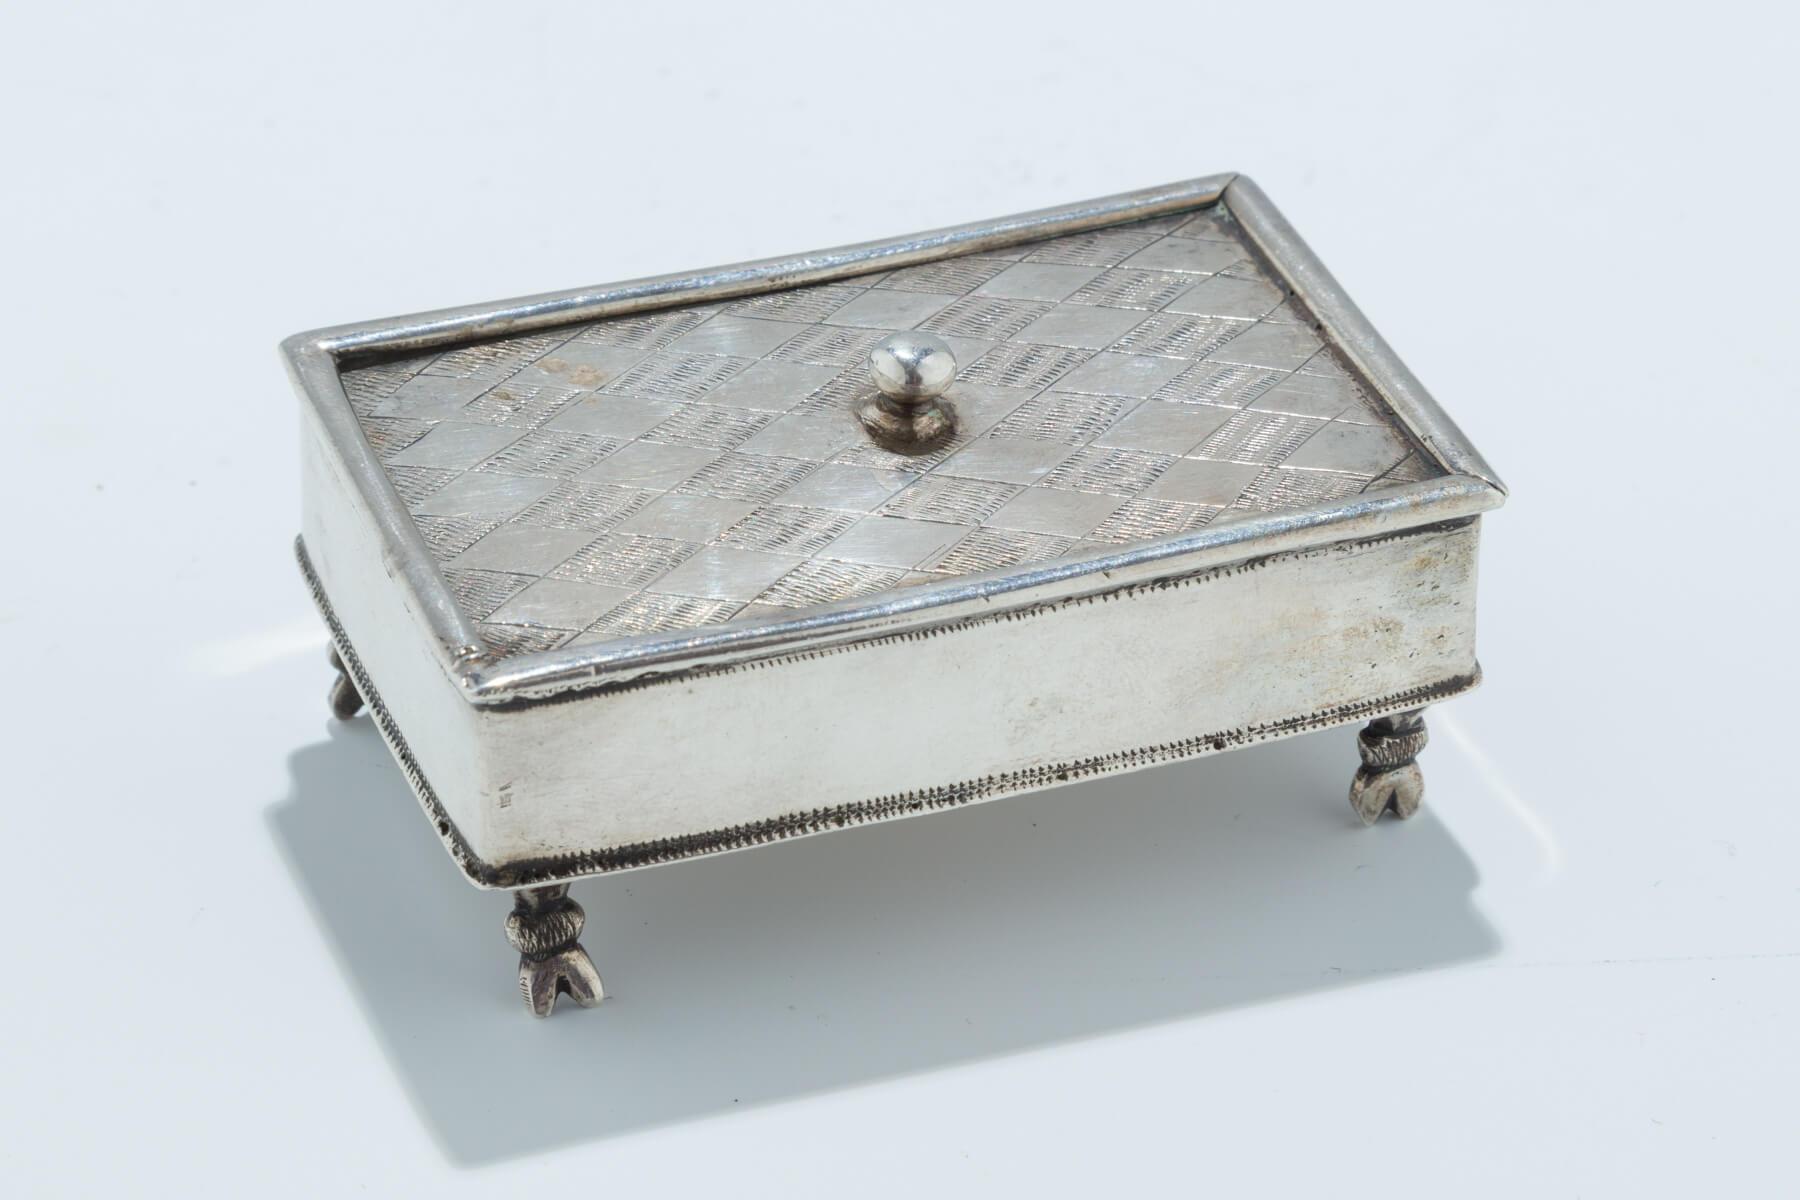 073. A Silver Spice Box